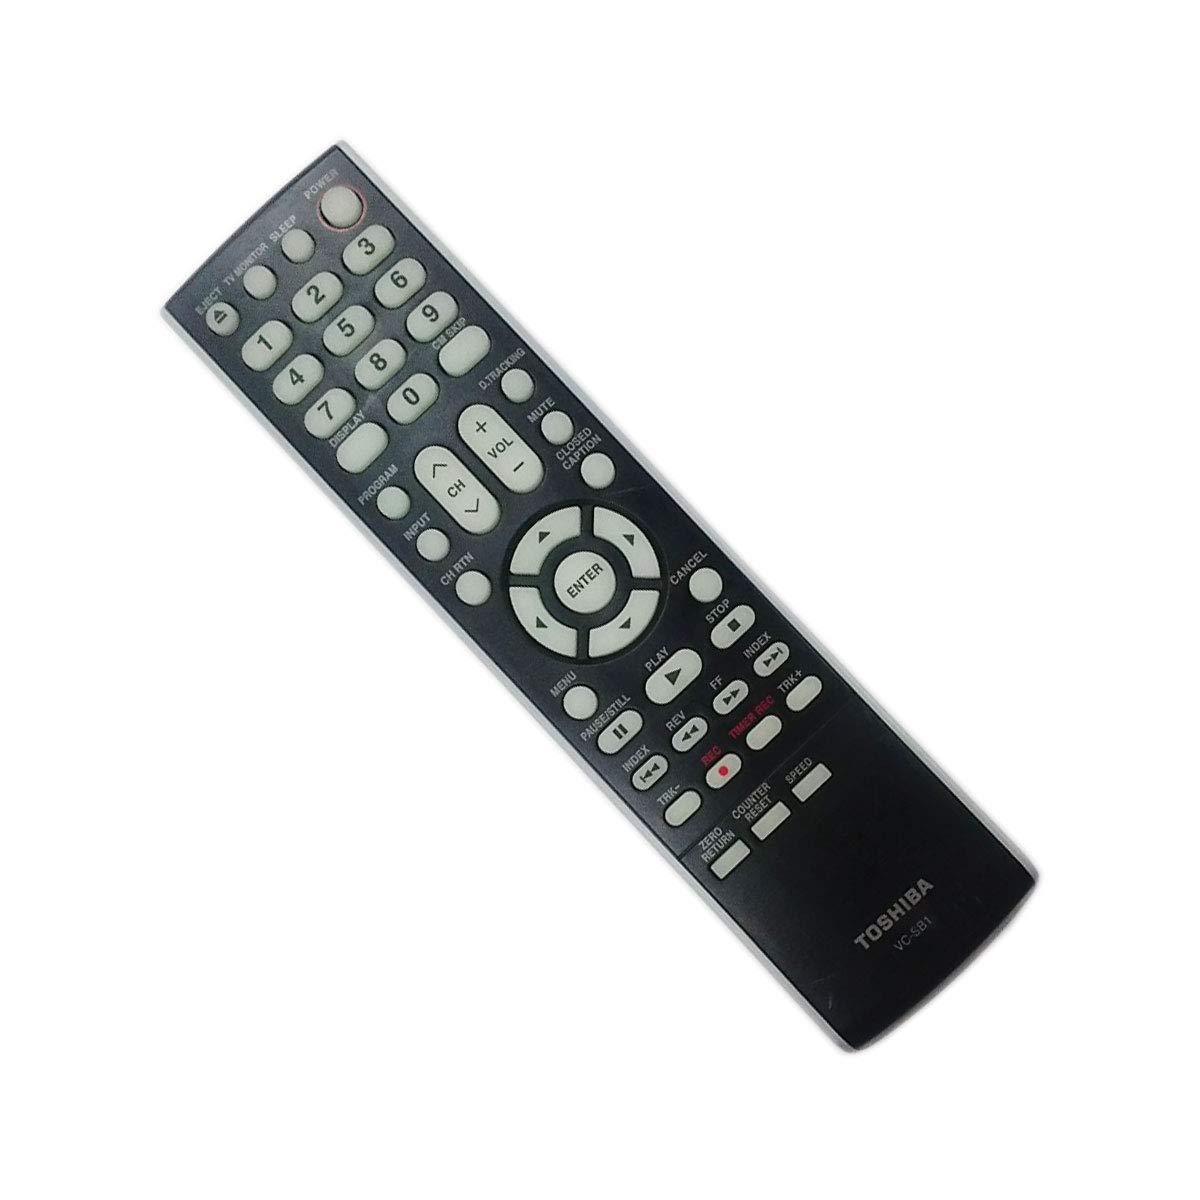 Amazon com: Original TV Remote Control for Toshiba MV13Q41